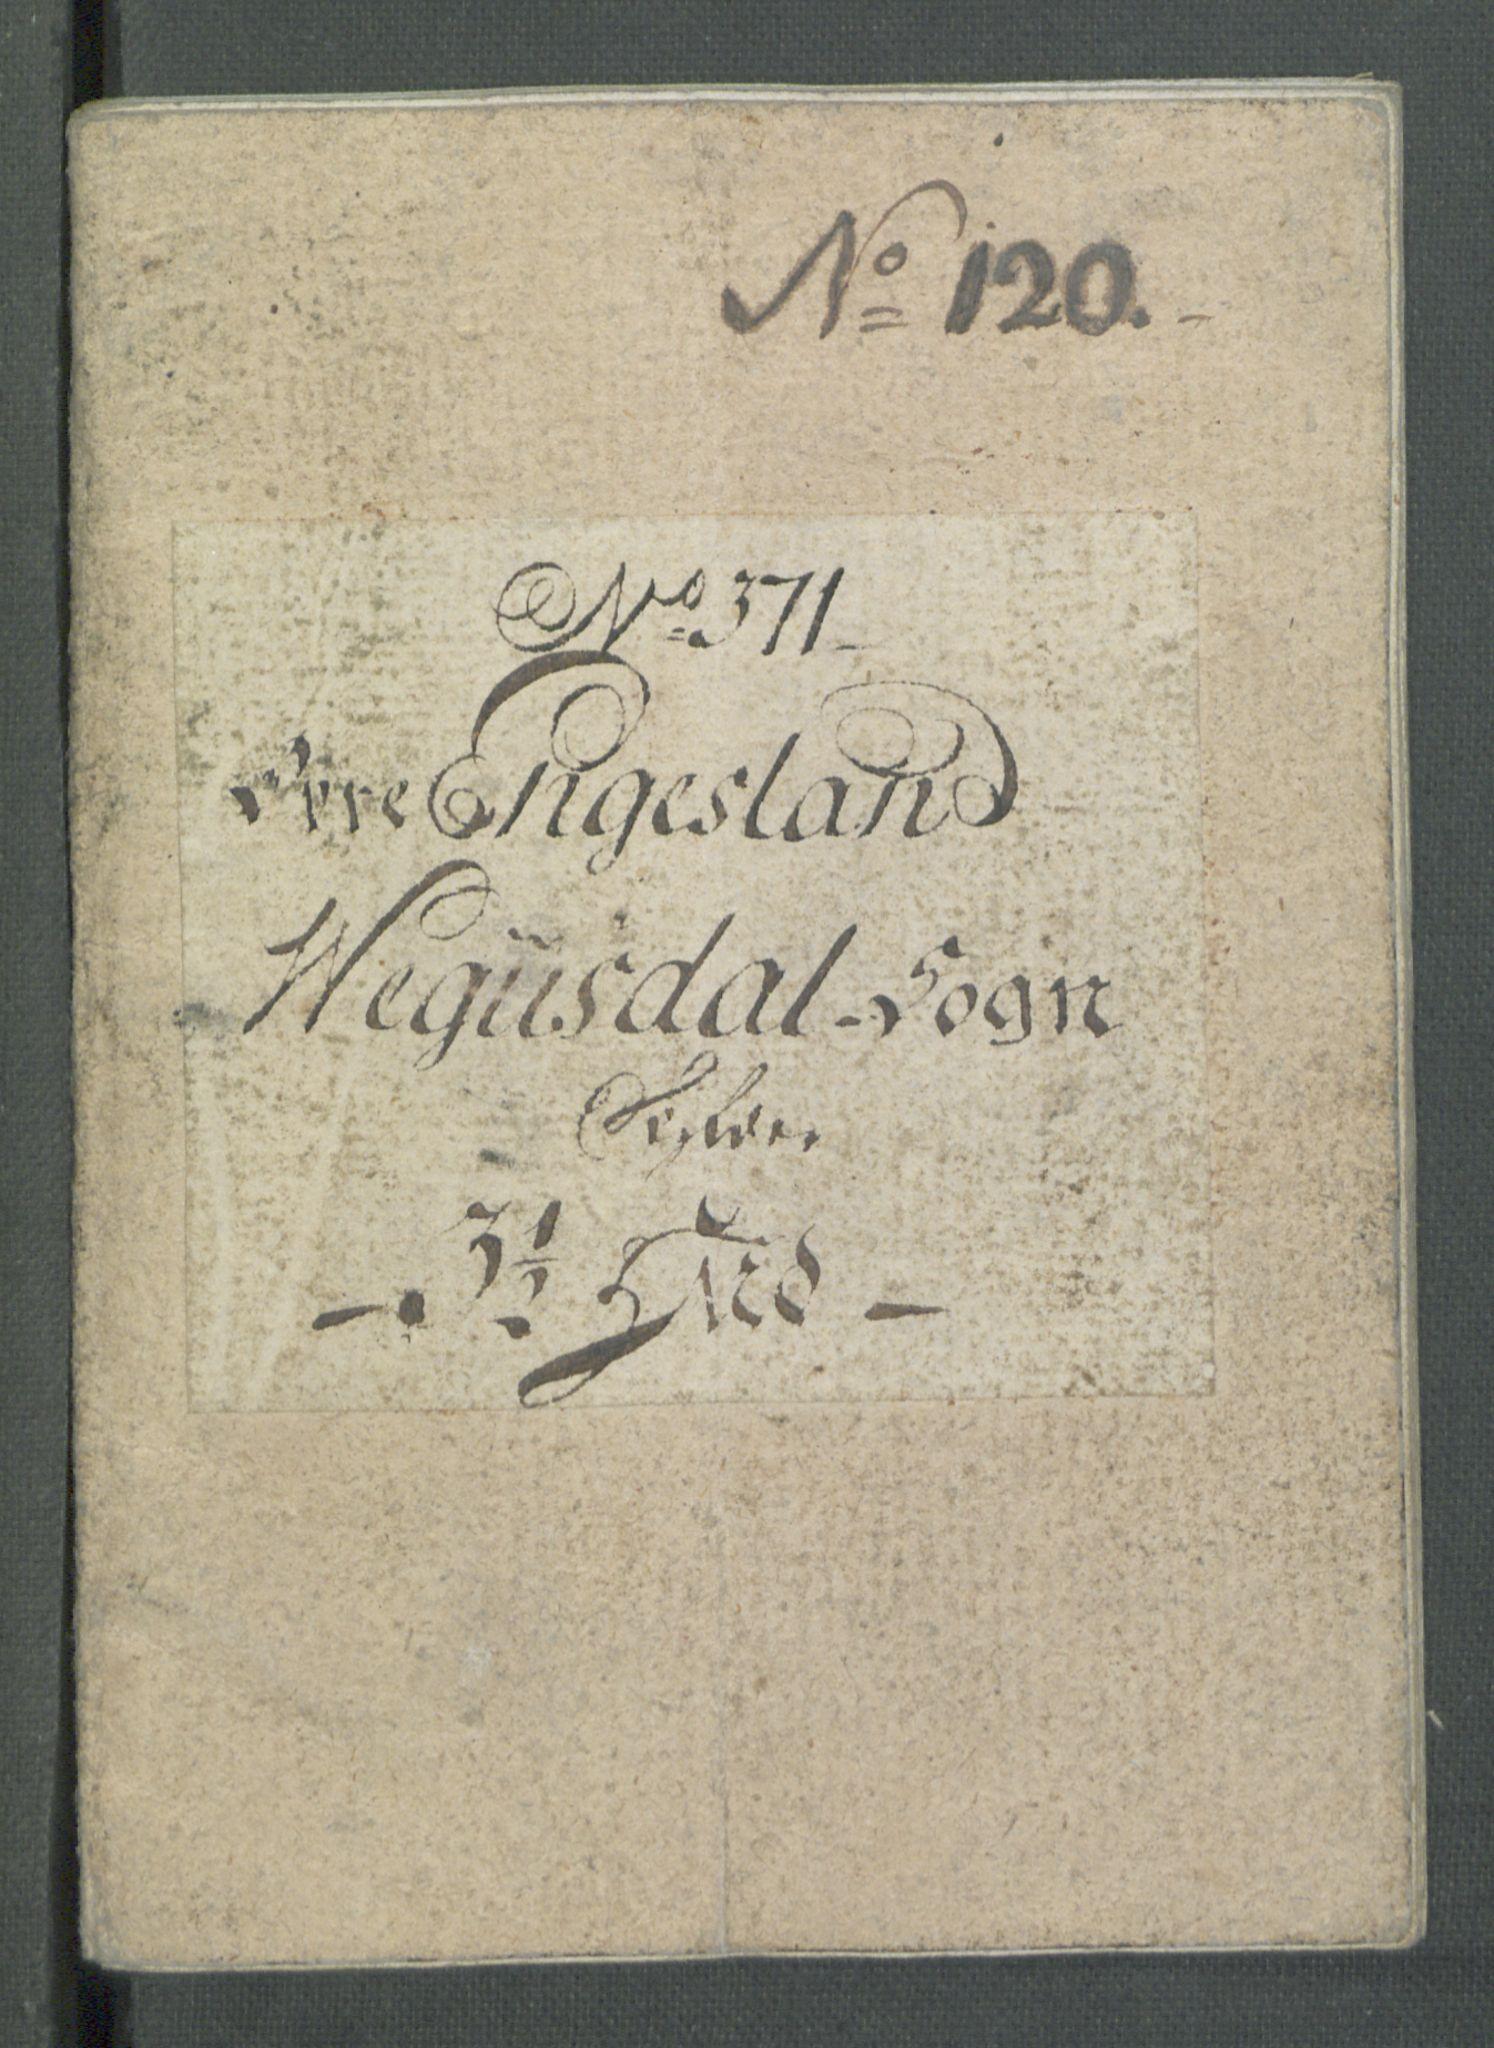 RA, Rentekammeret inntil 1814, Realistisk ordnet avdeling, Od/L0001: Oppløp, 1786-1769, s. 546